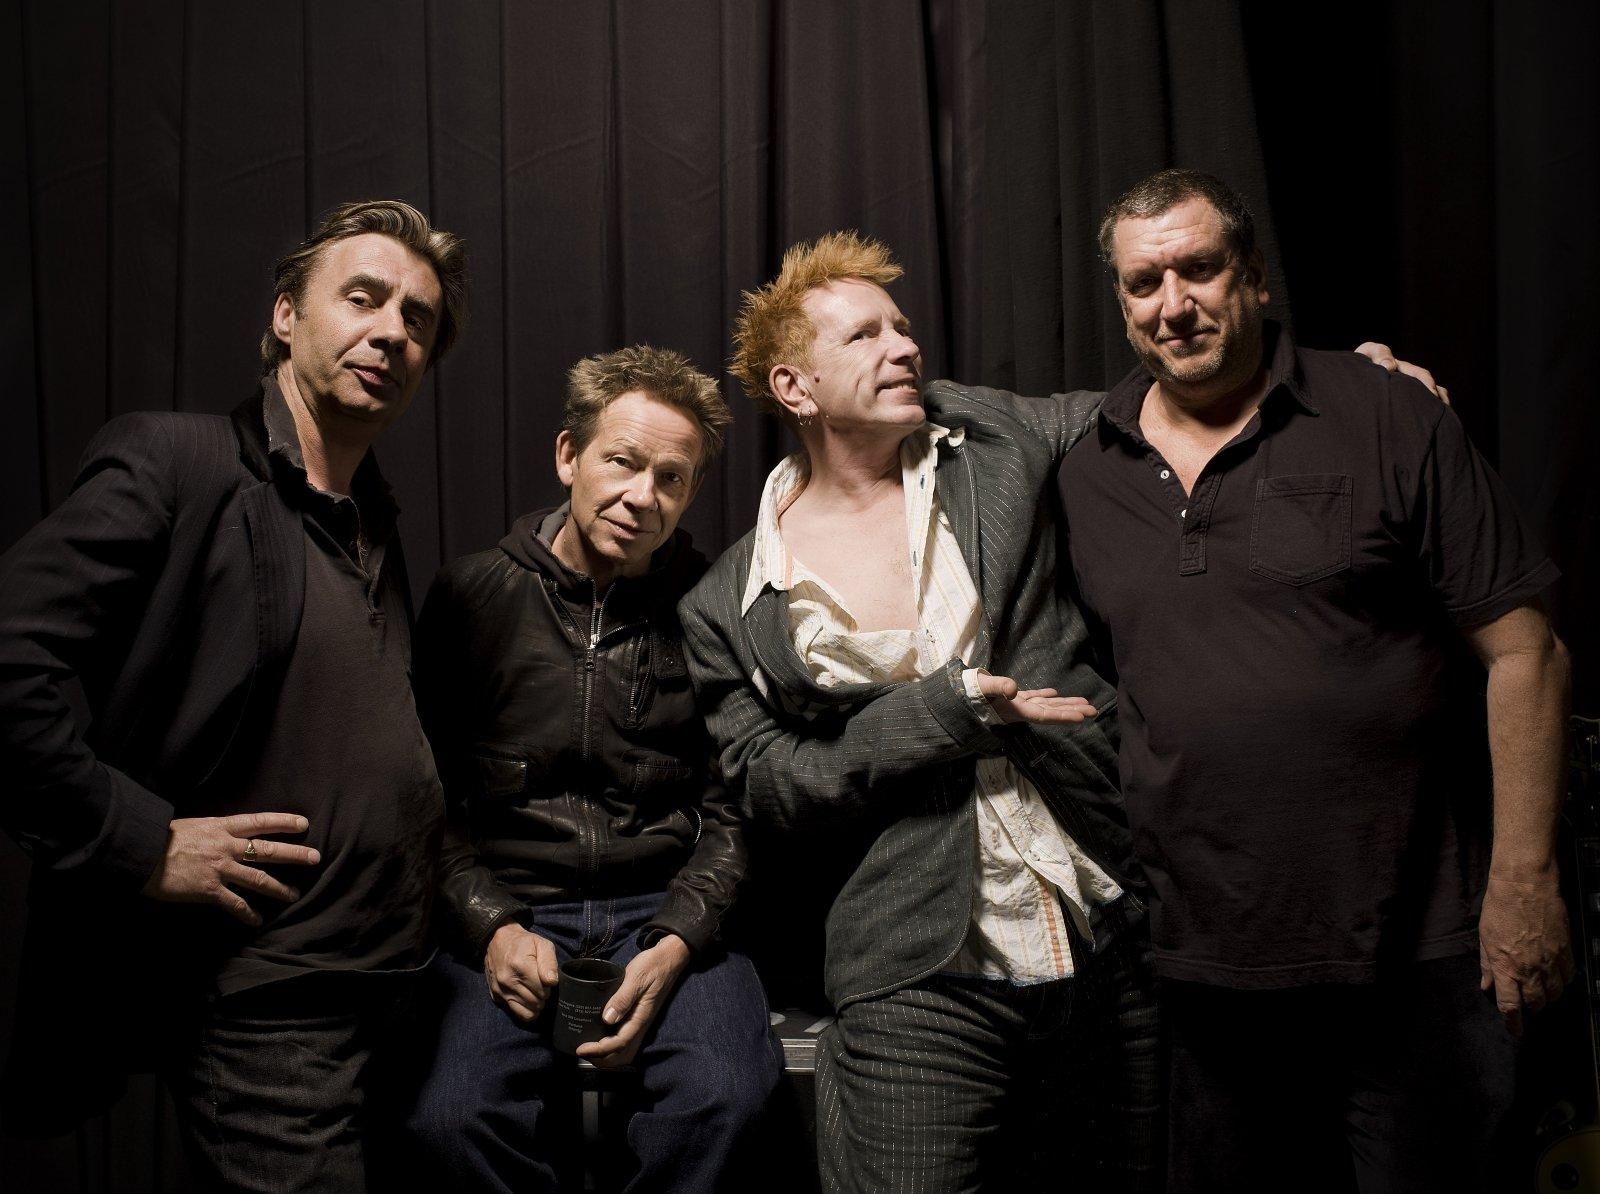 «Τhe Sex Pistols – There'll Always Be An England» – Ένα μοναδικό μουσικό ντοκιμαντέρ στην ΕΡΤ1 13.03.2020